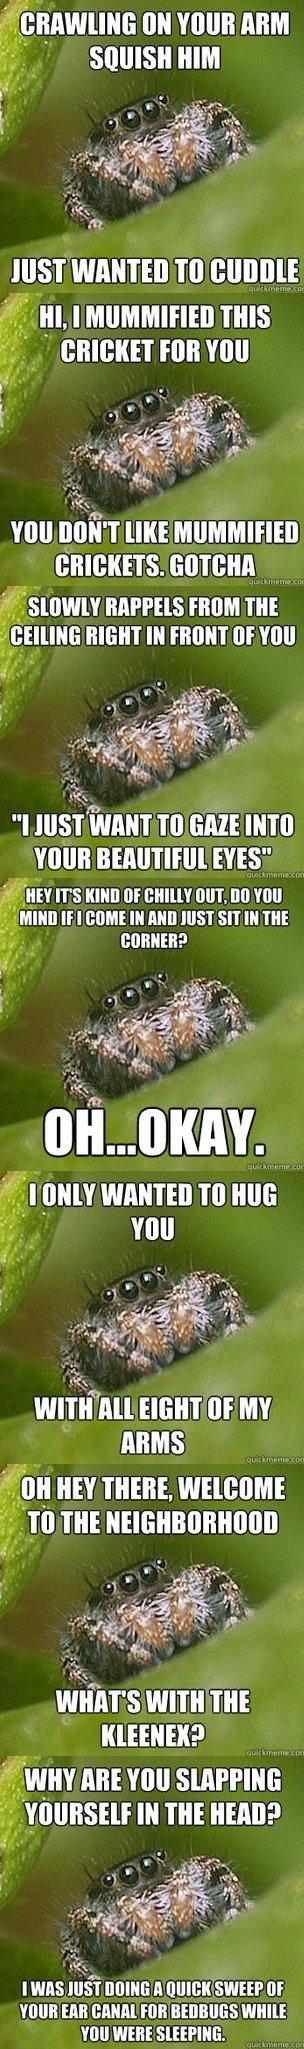 Misunderstood Spider. . an mun ml i HIM Just wanna TO : vuu [IKE r::, i) ii, tsim, r lolrus mun THE ll mii' TO can mu Ens? IT' S nanu Elf um, M 'mu a' i, mun If